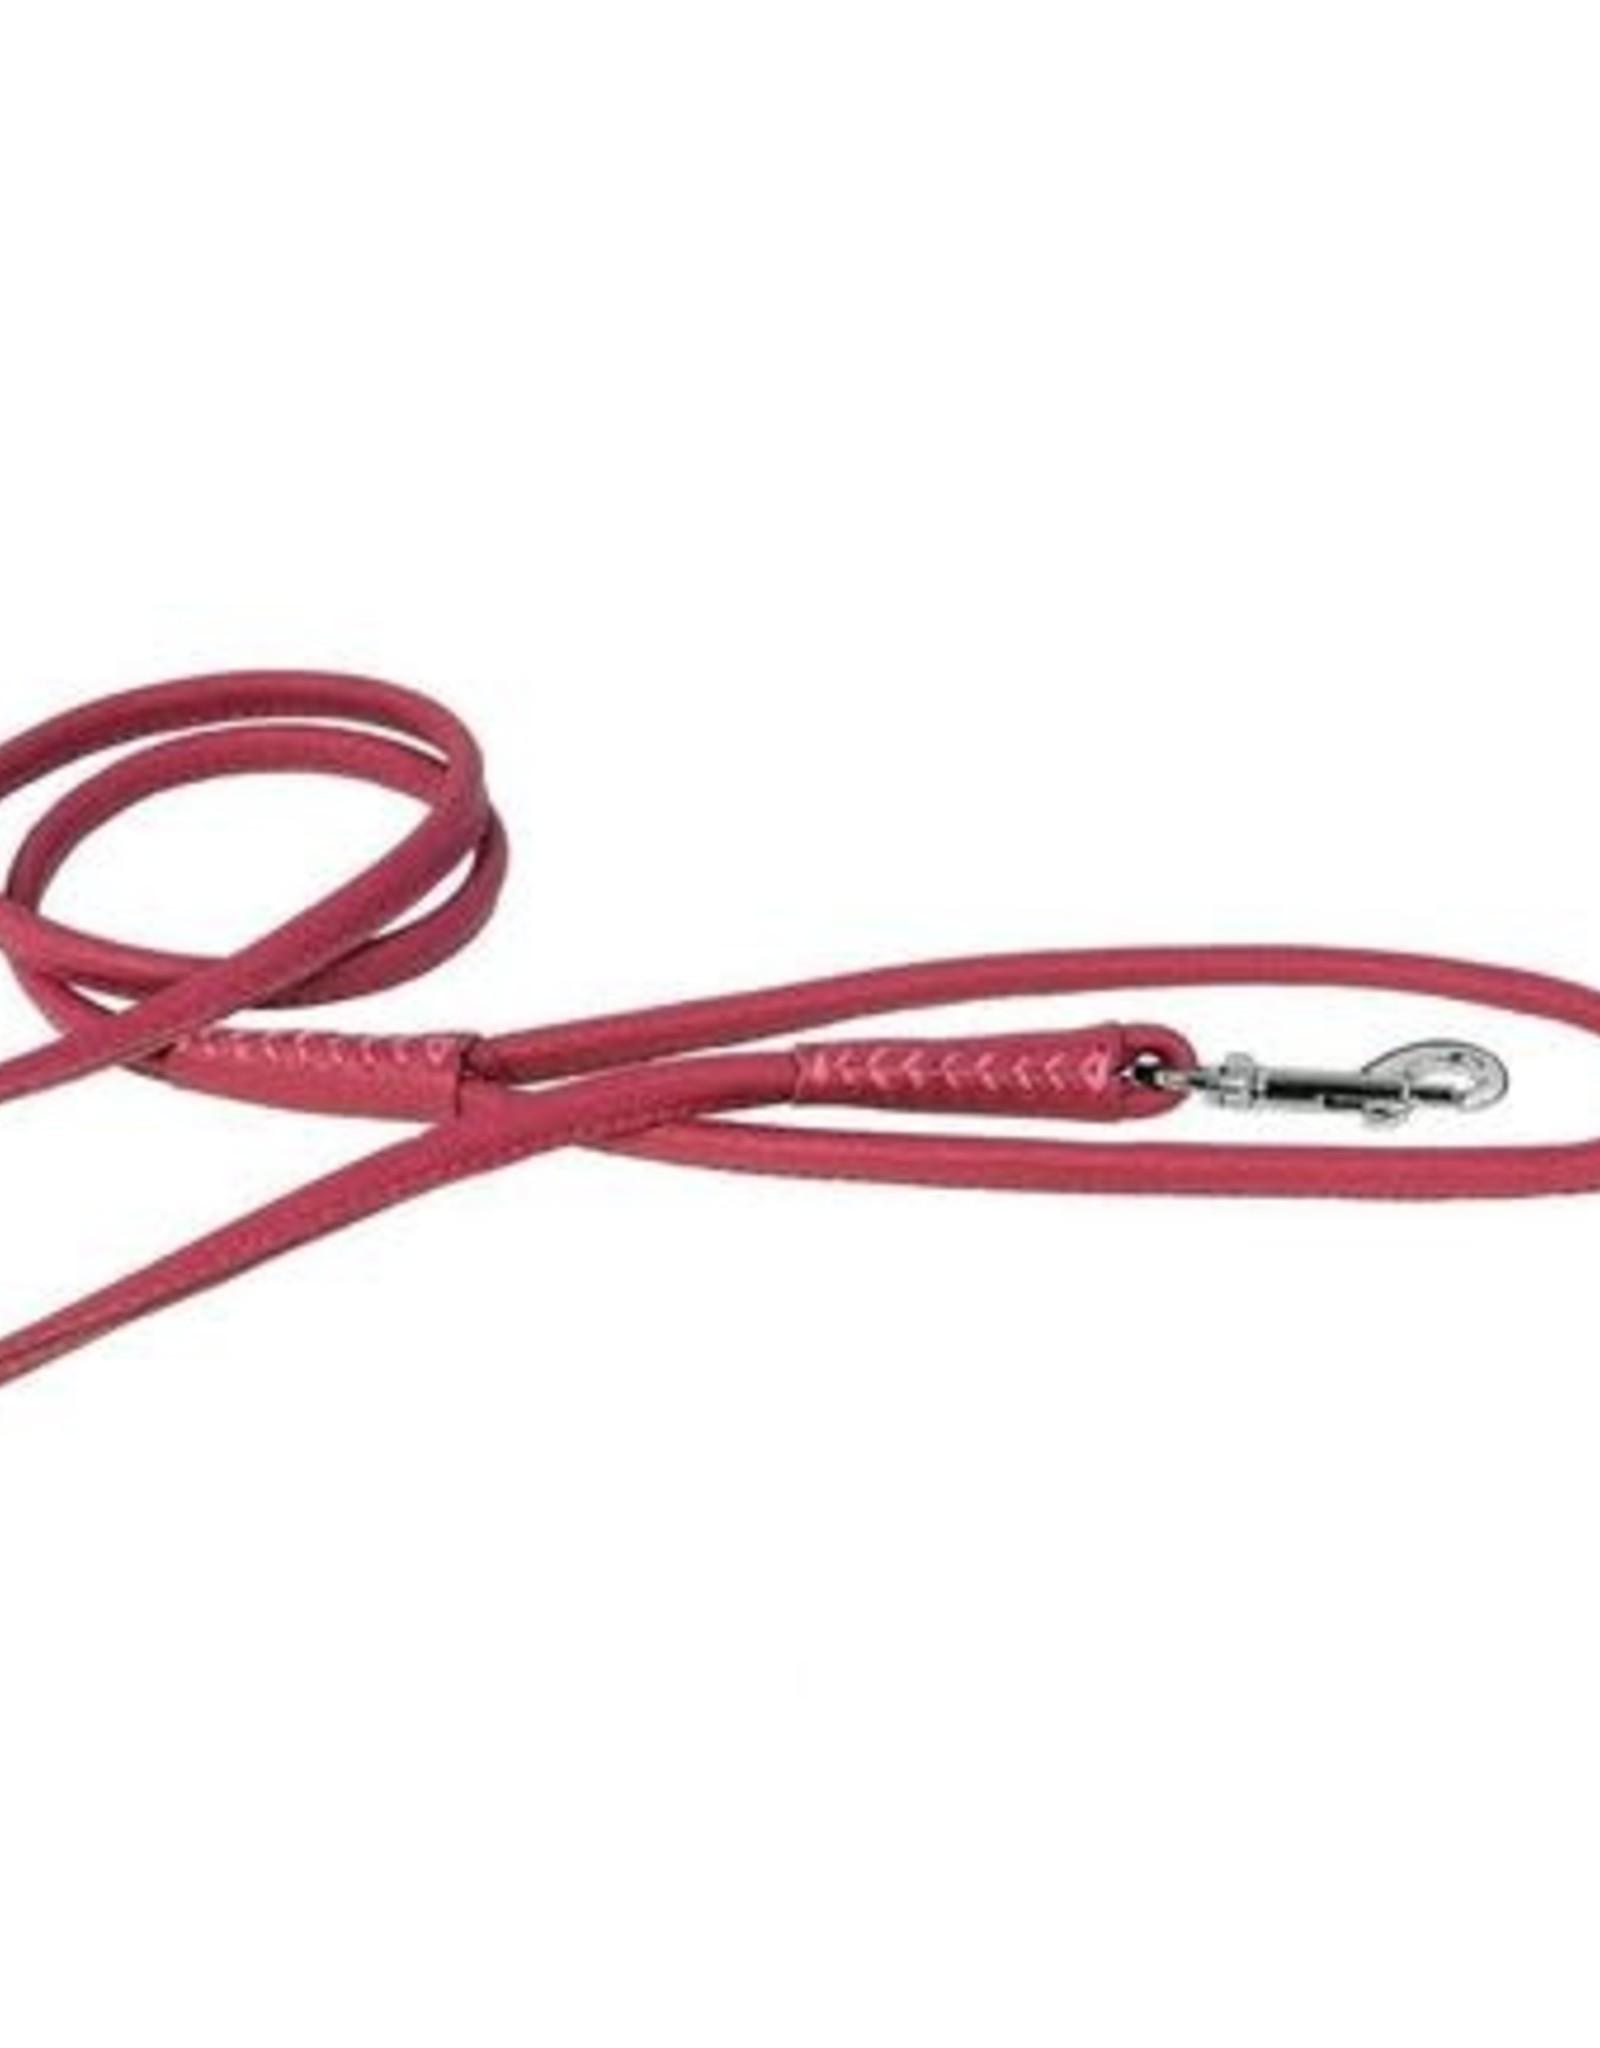 Dogline Dogline Pink Leather Lead